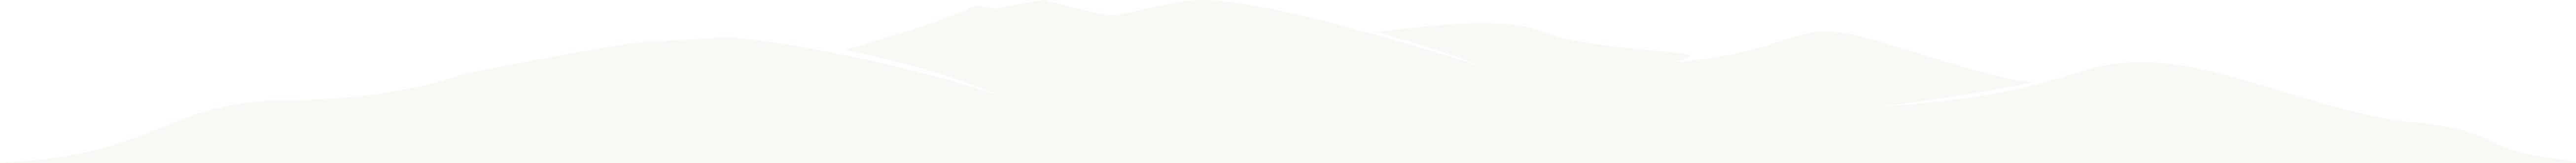 Illustrazioni grafiche colline negrar Valpolicella